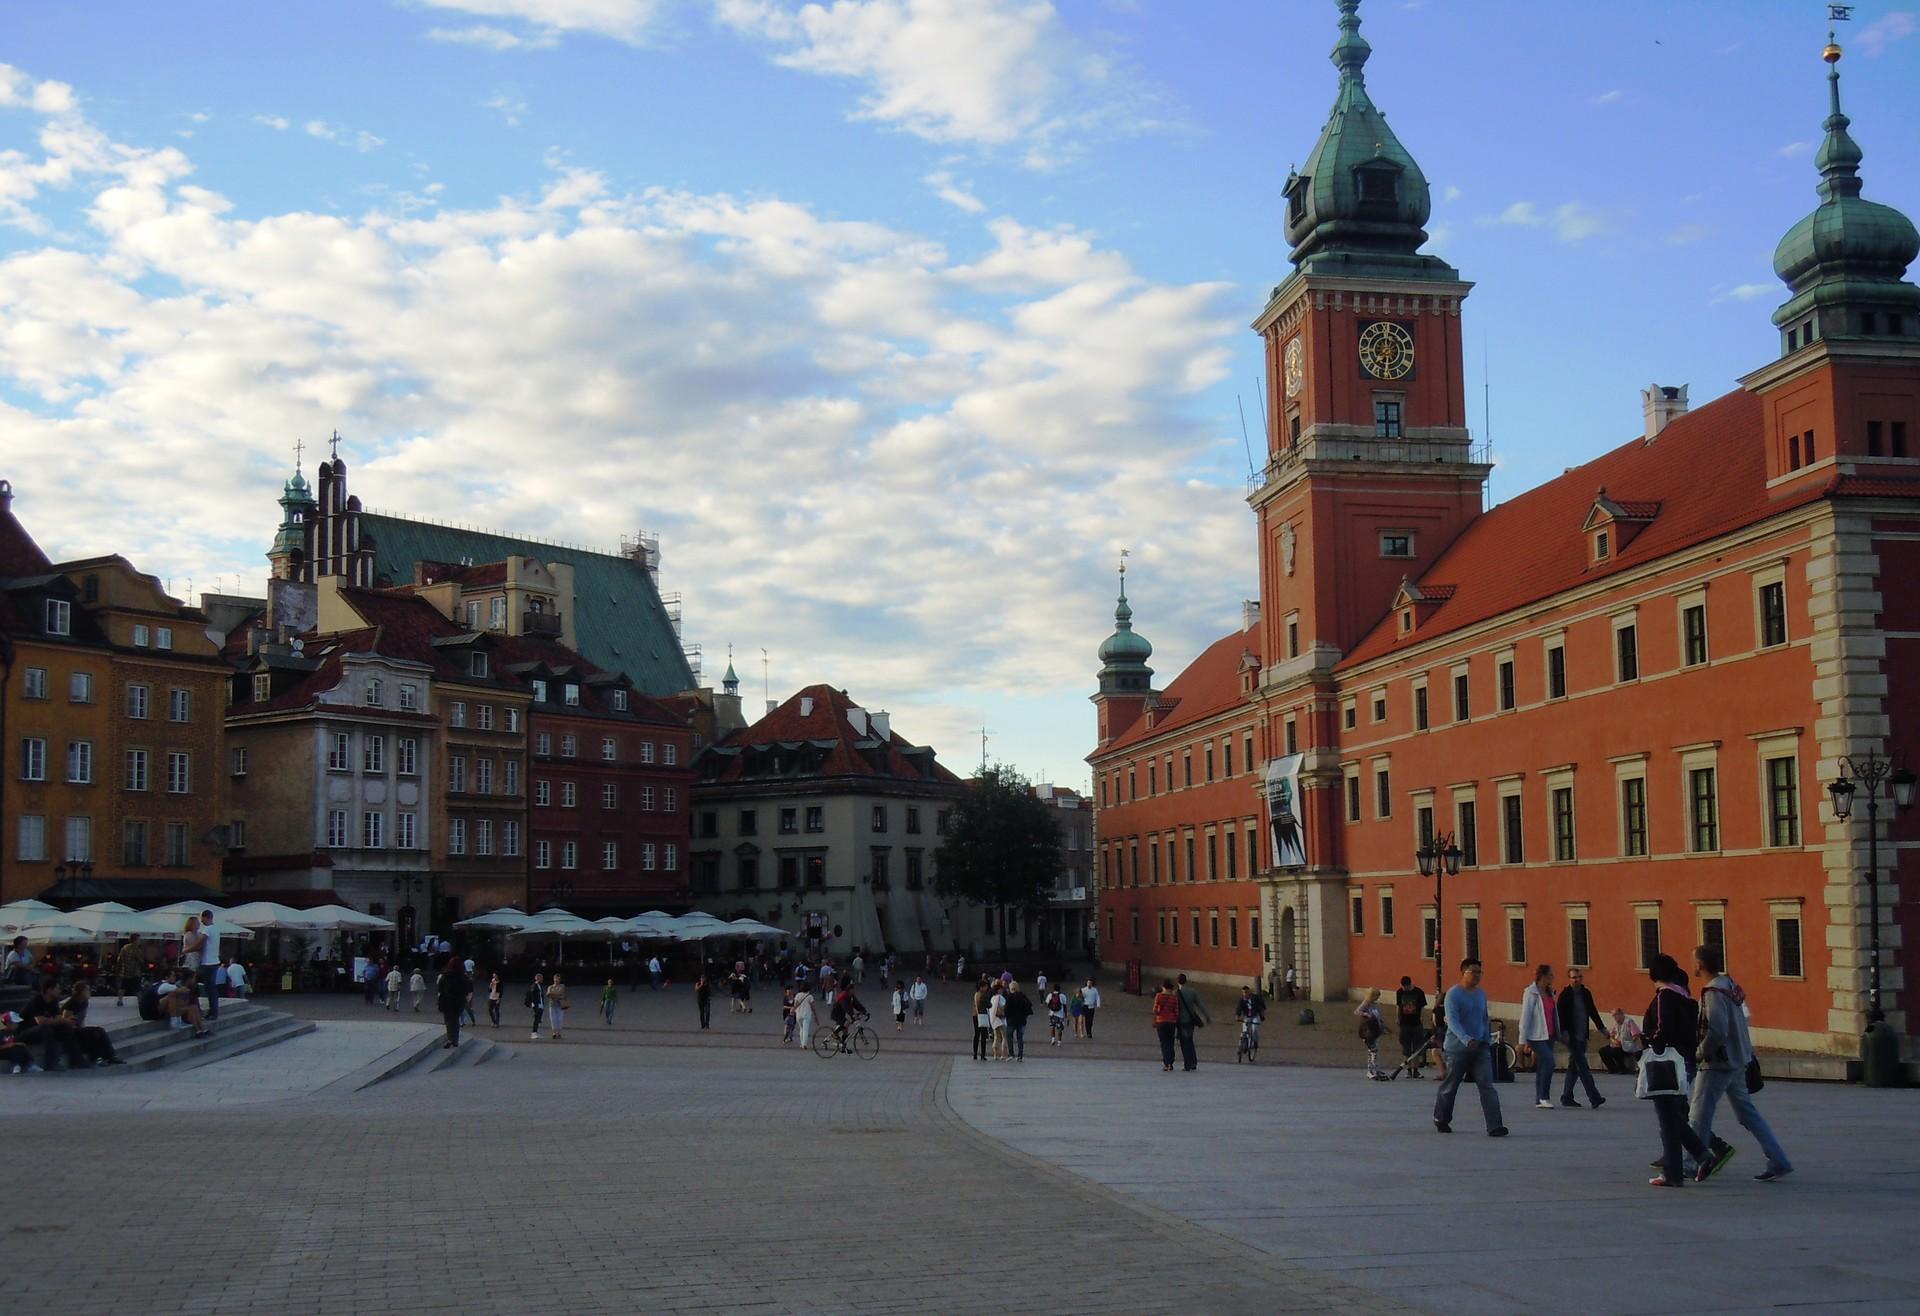 L'esperienza alla Polytechnic University di Varsavia (Polonia) di Biedronka